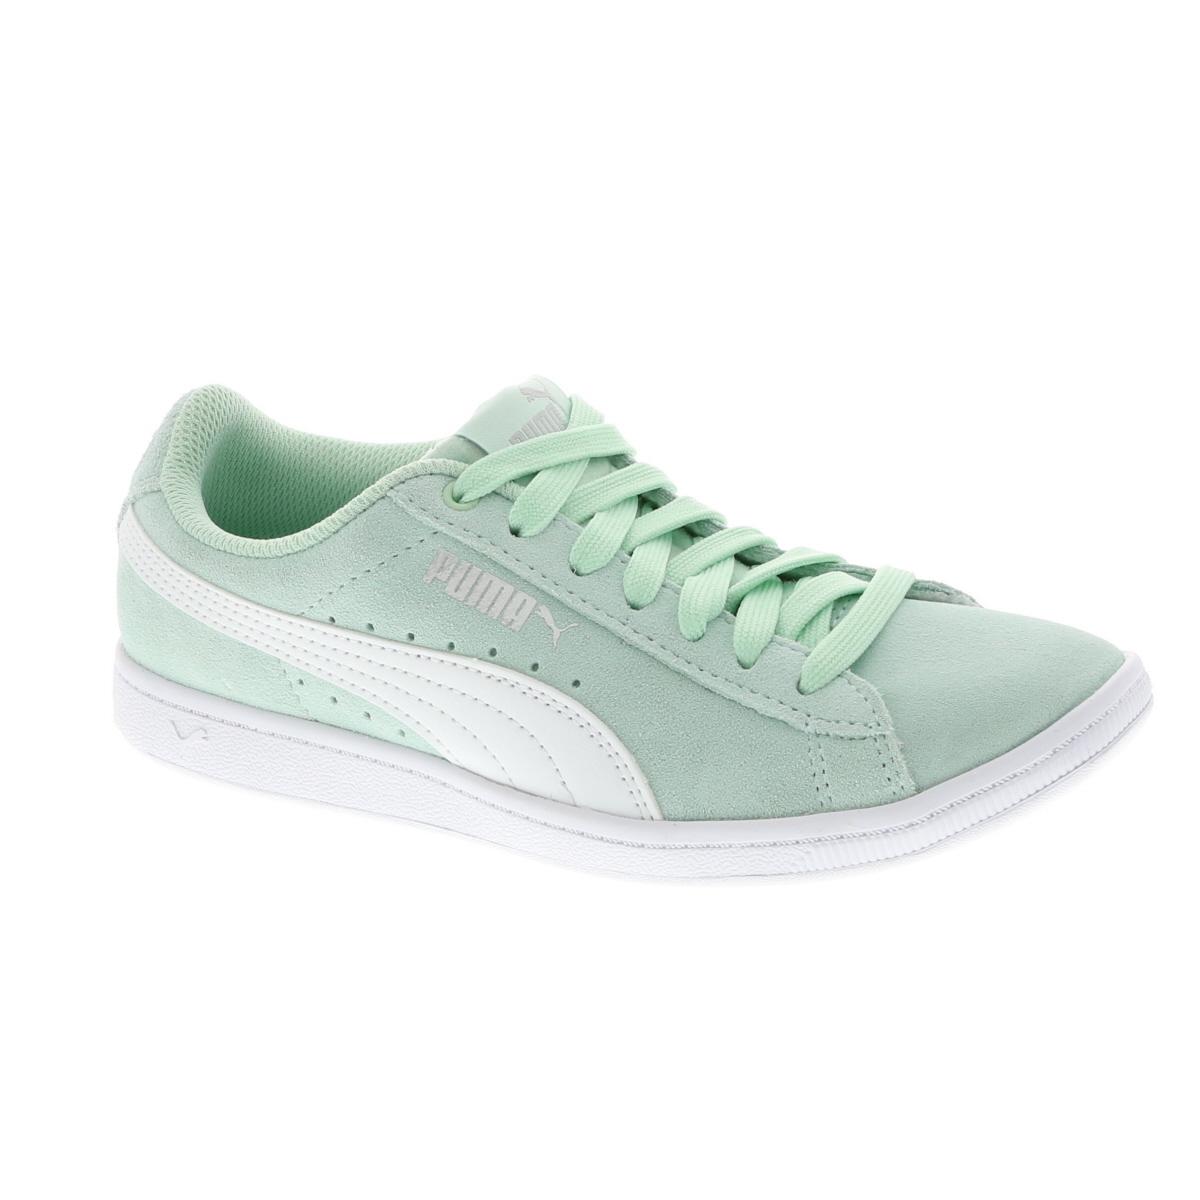 09db28b97c2 Puma sneakers bestel je online bij